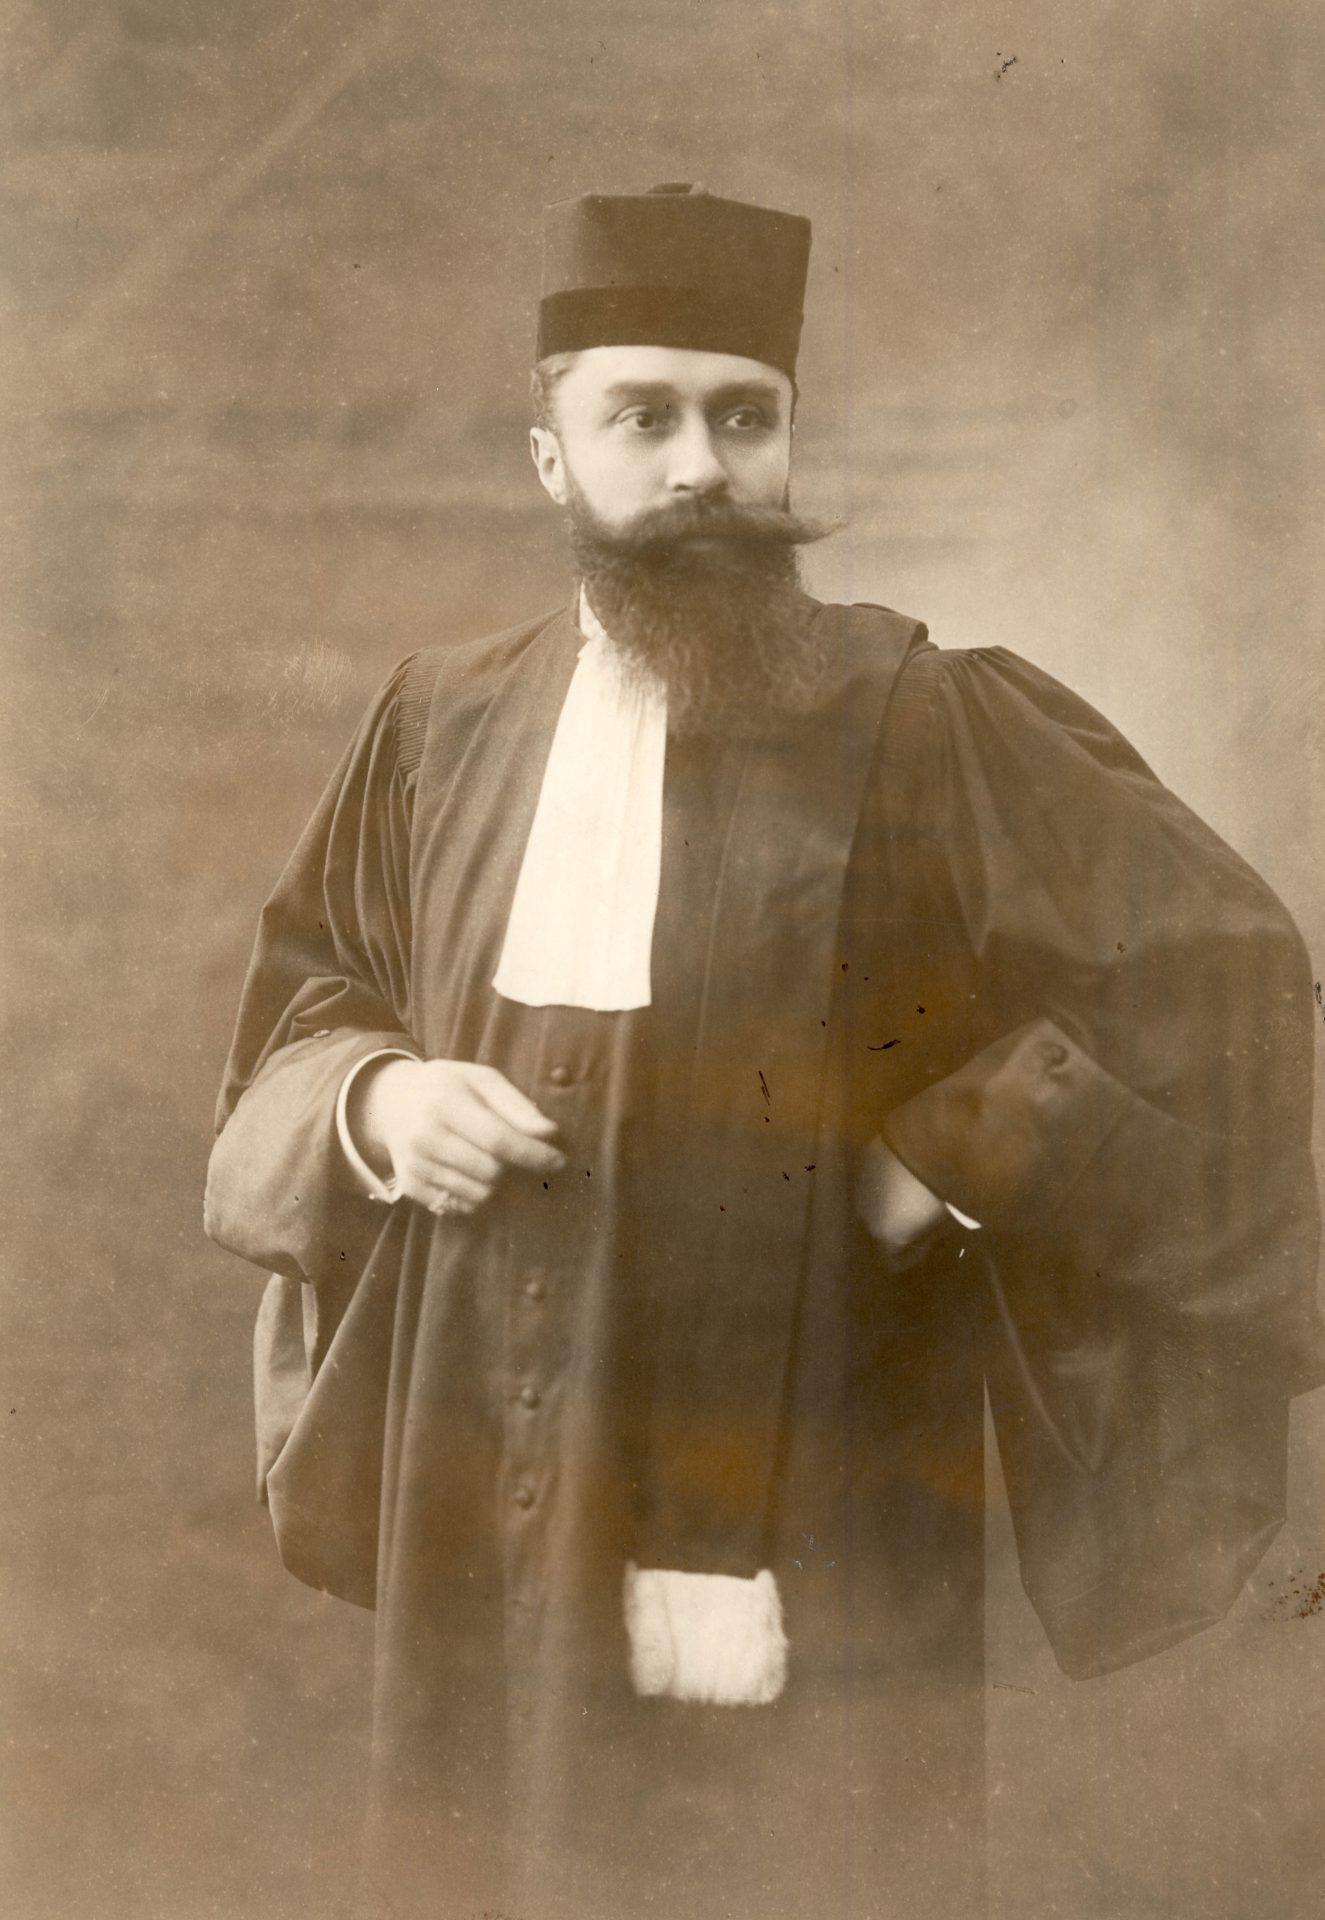 Portrait d'Alexandre Varenne, avec sa toque d'avocat. Crédit: Henri Manuel, Paris